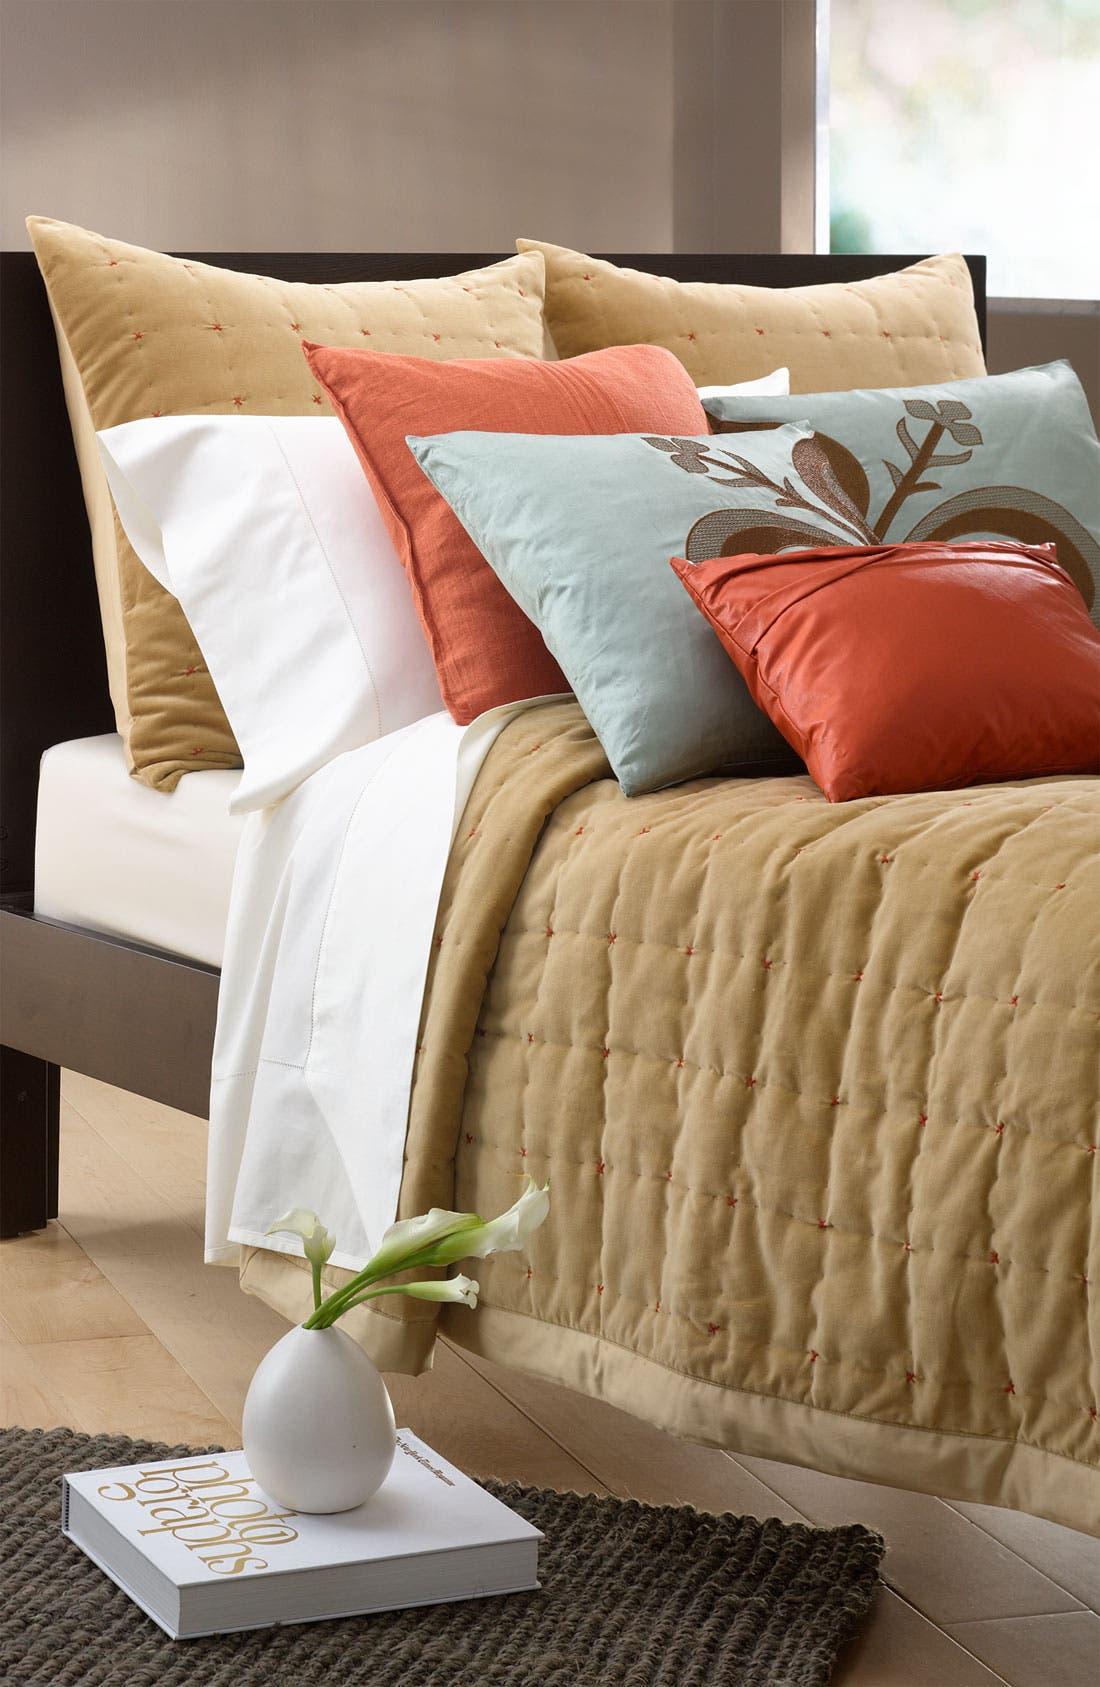 'Paulo' Euro Pillow,                             Main thumbnail 1, color,                             250